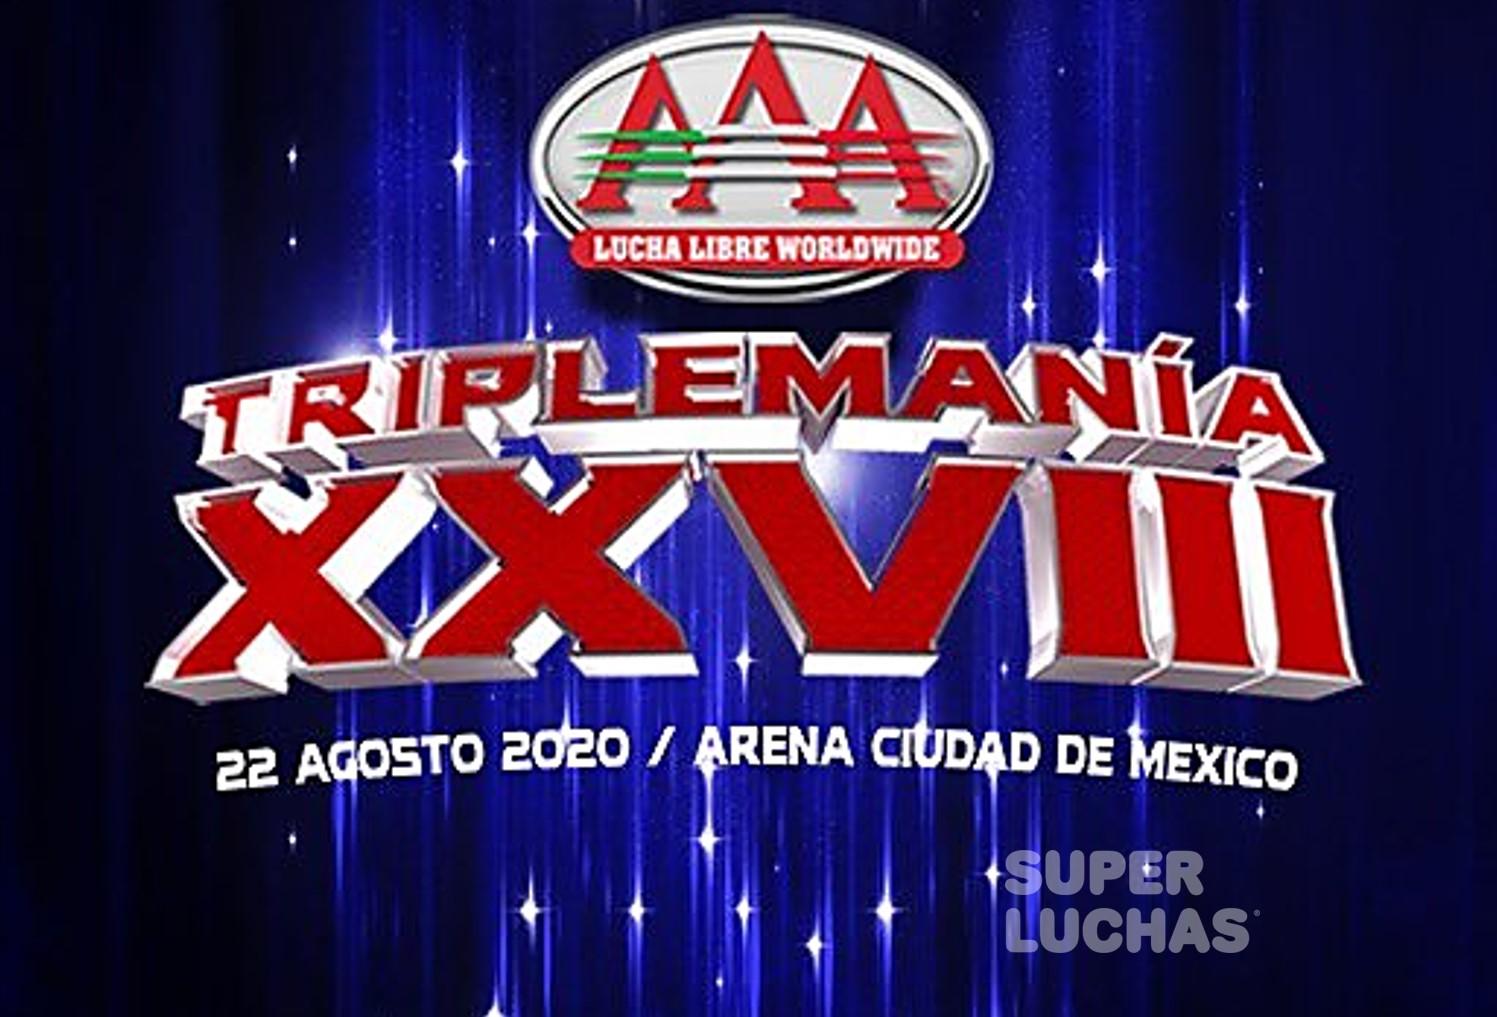 """AAA: Conferencia de Prensa """"Triplemanía XXVIII"""" Definidas las primeras luchas 6"""